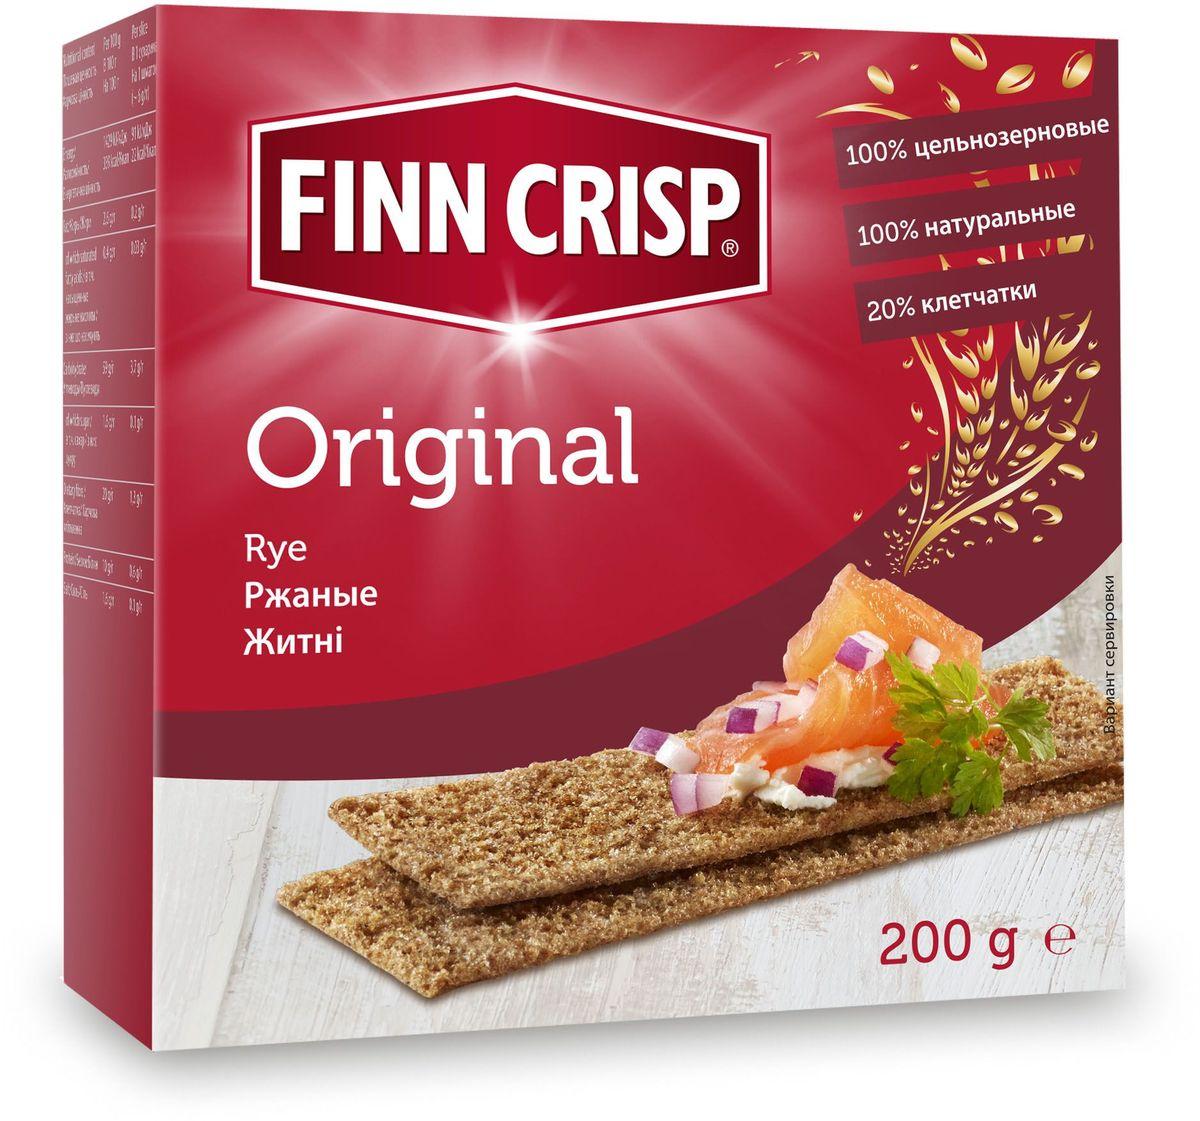 Finn Crisp Original хлебцы ржаные, 200 г0120710В 1952 году началось производство сухариков FINN CRISP (ФИНН КРИСП), когда стартовали Олимпийские Игры в Хельсинки (Финляндия).Многие годы натуральные ржаные сухарики FINN CRISP отражают дух Финляндии для миллионов покупателей по всему миру, заботящихся о здоровом питании. Высушивать хлеб - давняя финская традиция и FINN CRISP до сих пор придерживаются этой традиции создавая хлебцы по старому классическому финскому рецепту.Бренд FINN CRISP принадлежит компании VAASAN Group's.VAASAN - это крупнейшая хлебопекарная компания в Балтийском регионе со столетней историей, занимающаяся производством продукции для правильного и здорового питания. Занимающая второе место по производству сухариков и хлебцев, а её продукция экспортируются в более чем 50 государств!